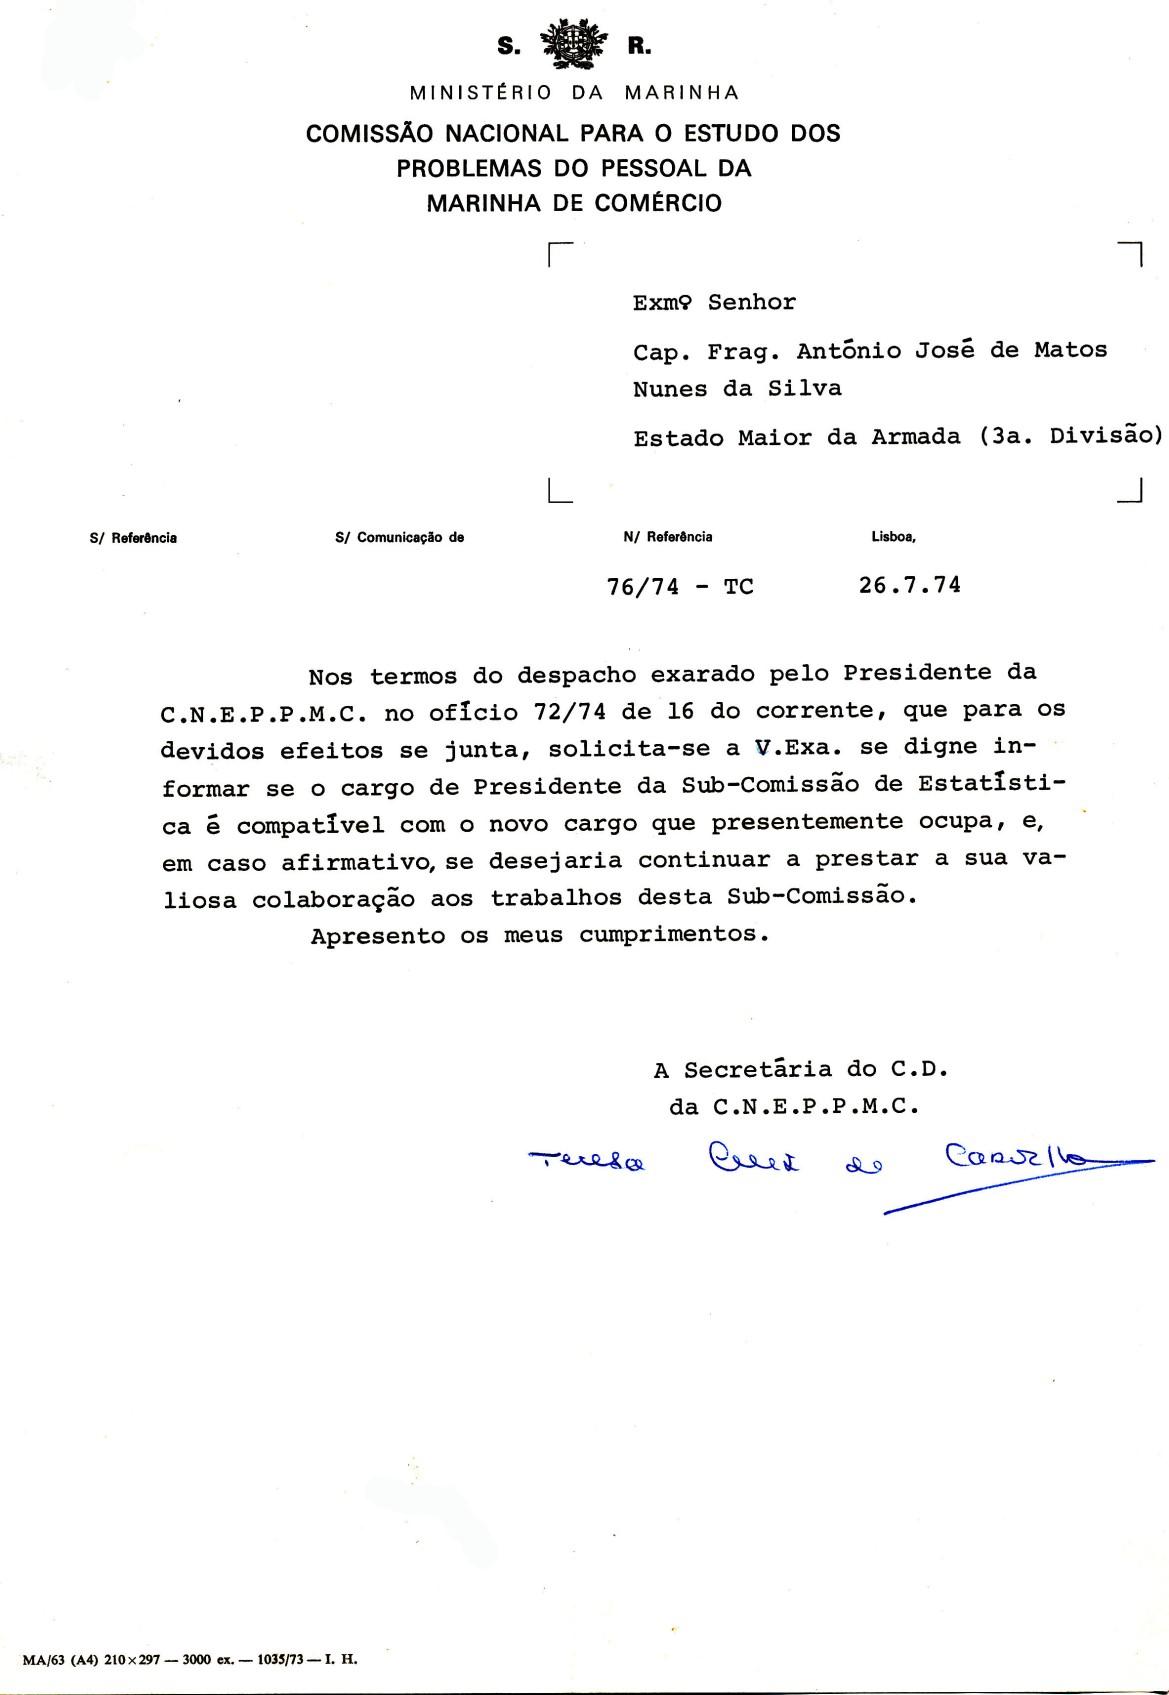 00650 974-07-26 o Presidente da CNEPPMC pergunta-me se posso e desejo continuar presidindo à Sub-Comissão _20101113235512321